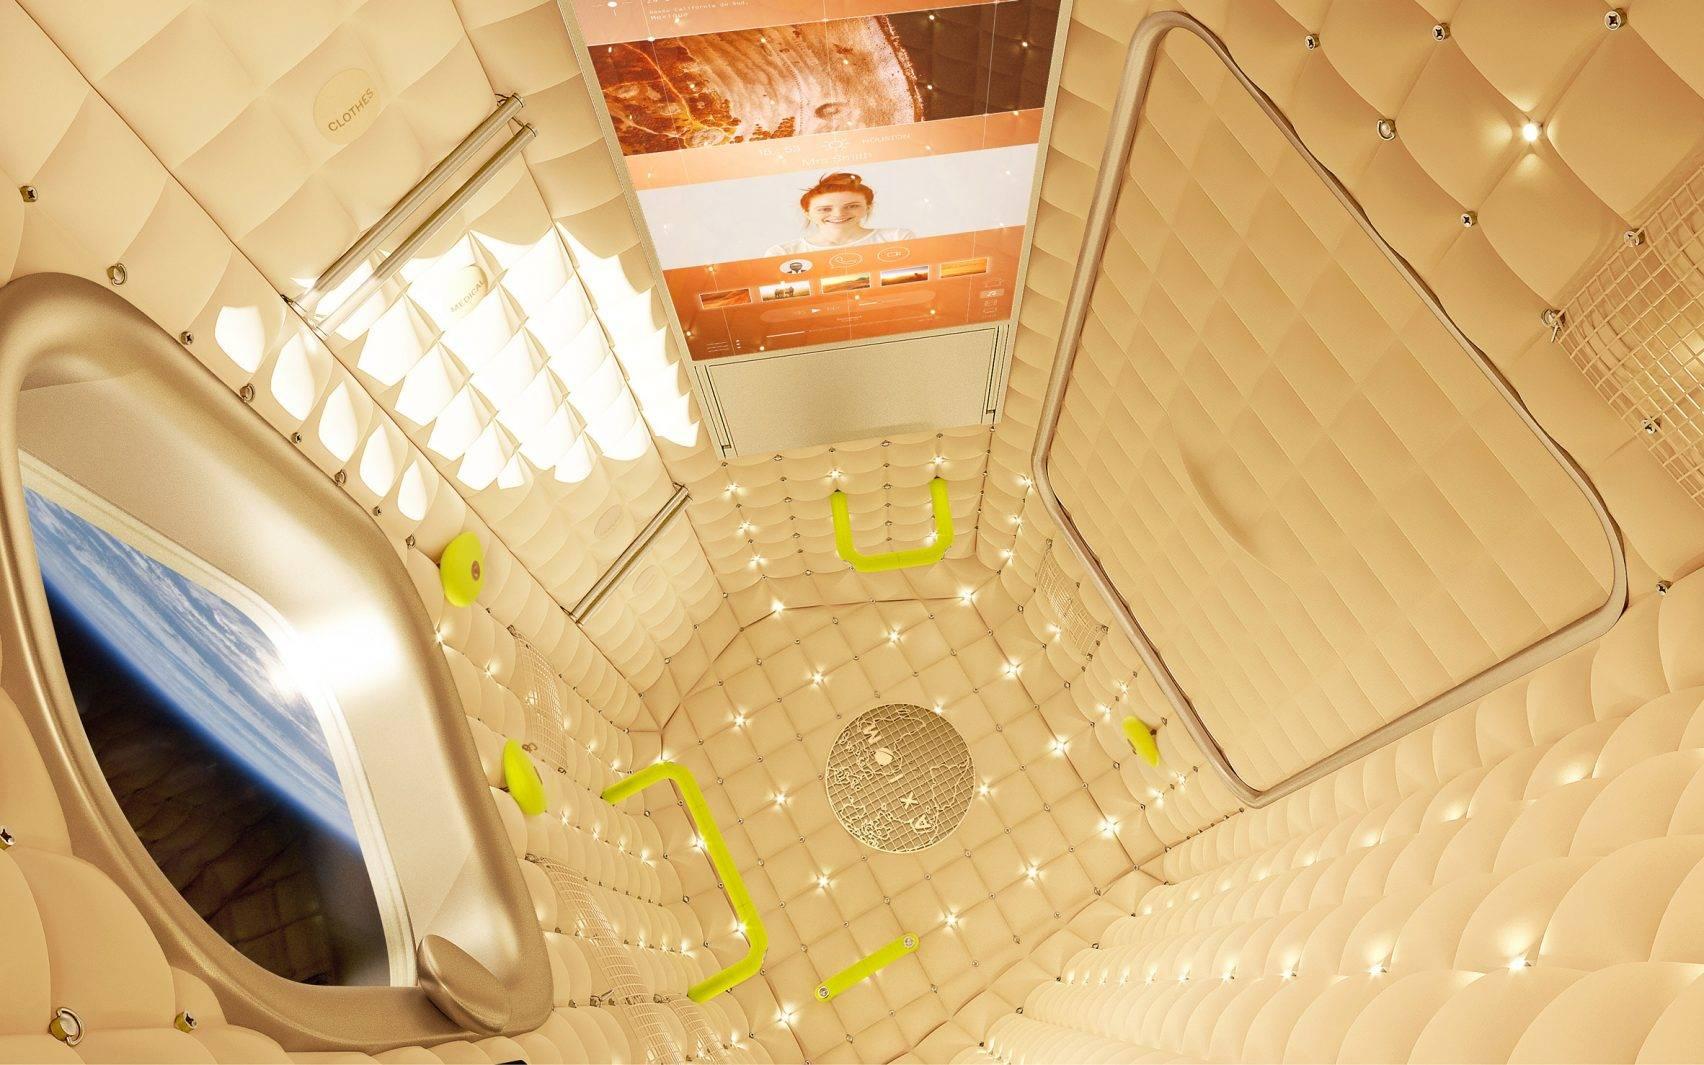 A Axiom Station tem seus interiores projetados por Phillipe Starck. (crédito: divulgação).